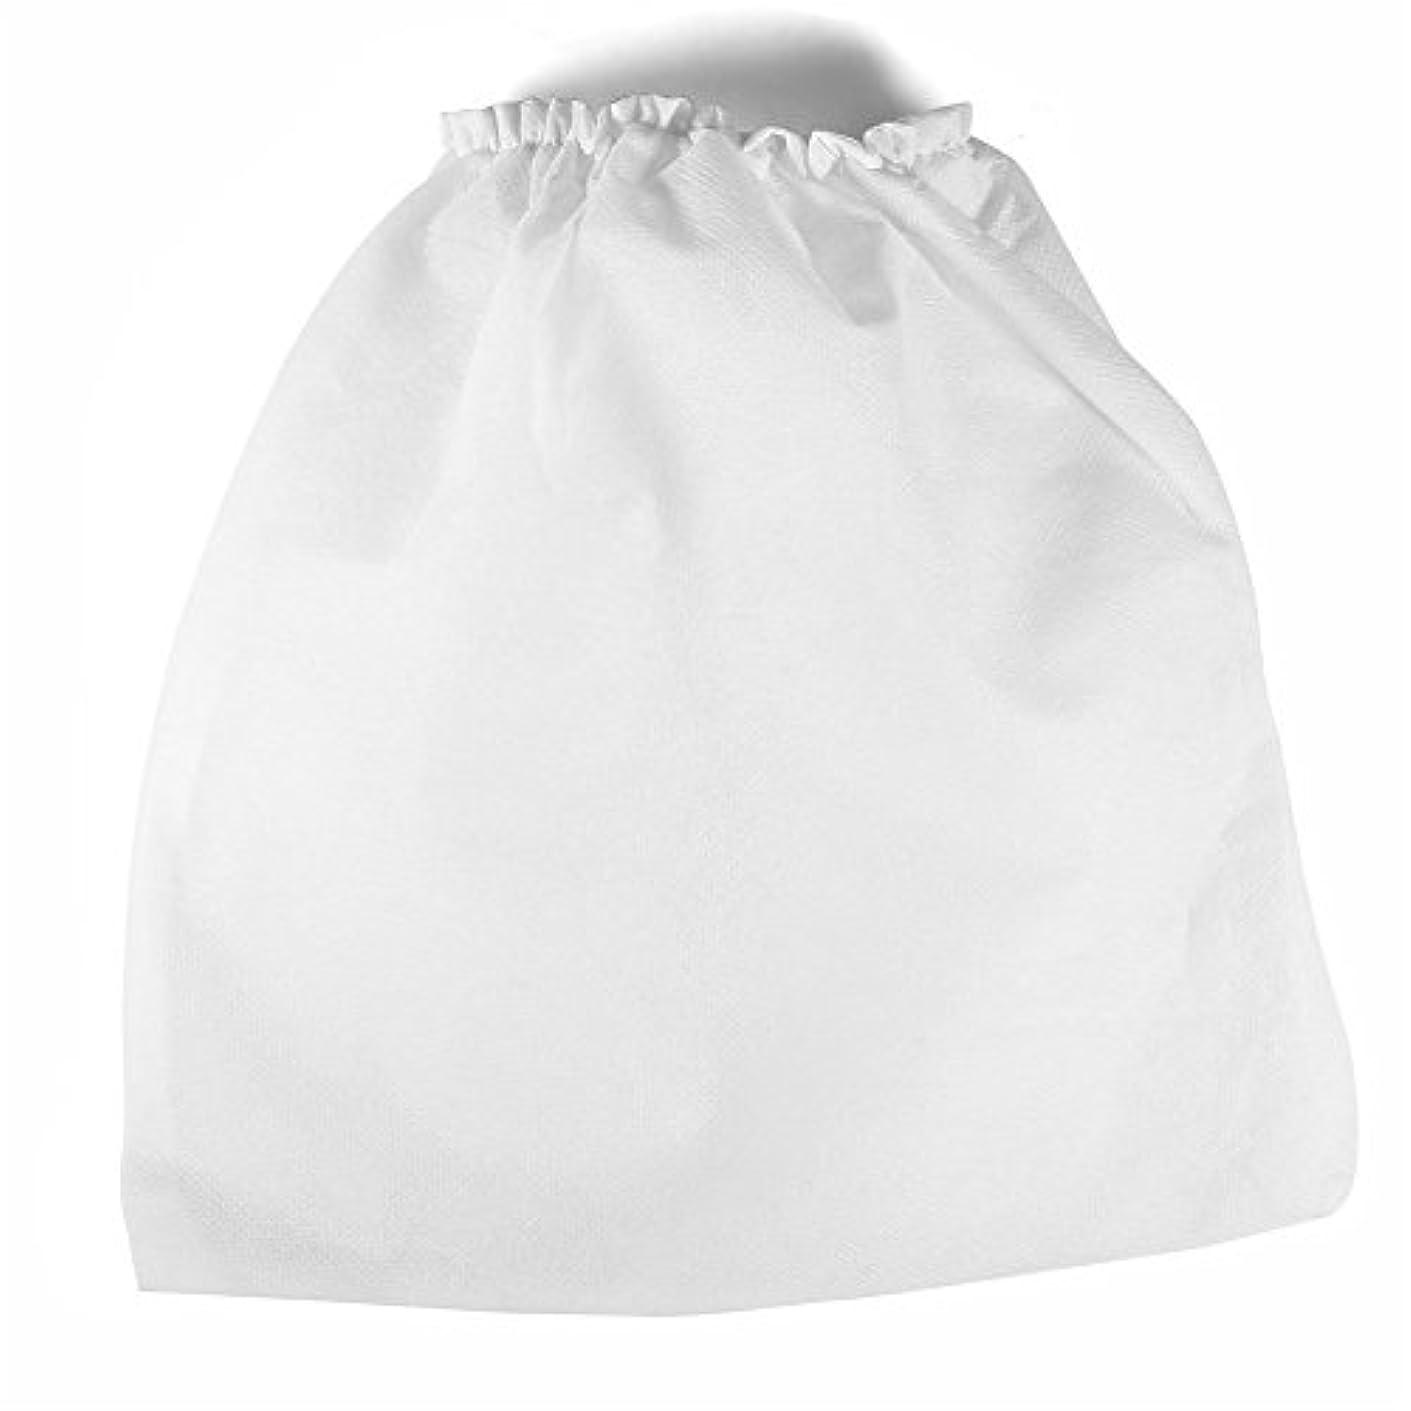 政令虎九時四十五分ネイル不織布掃除機 ストコレクター ネイルのほこりを吸って 収集袋10枚